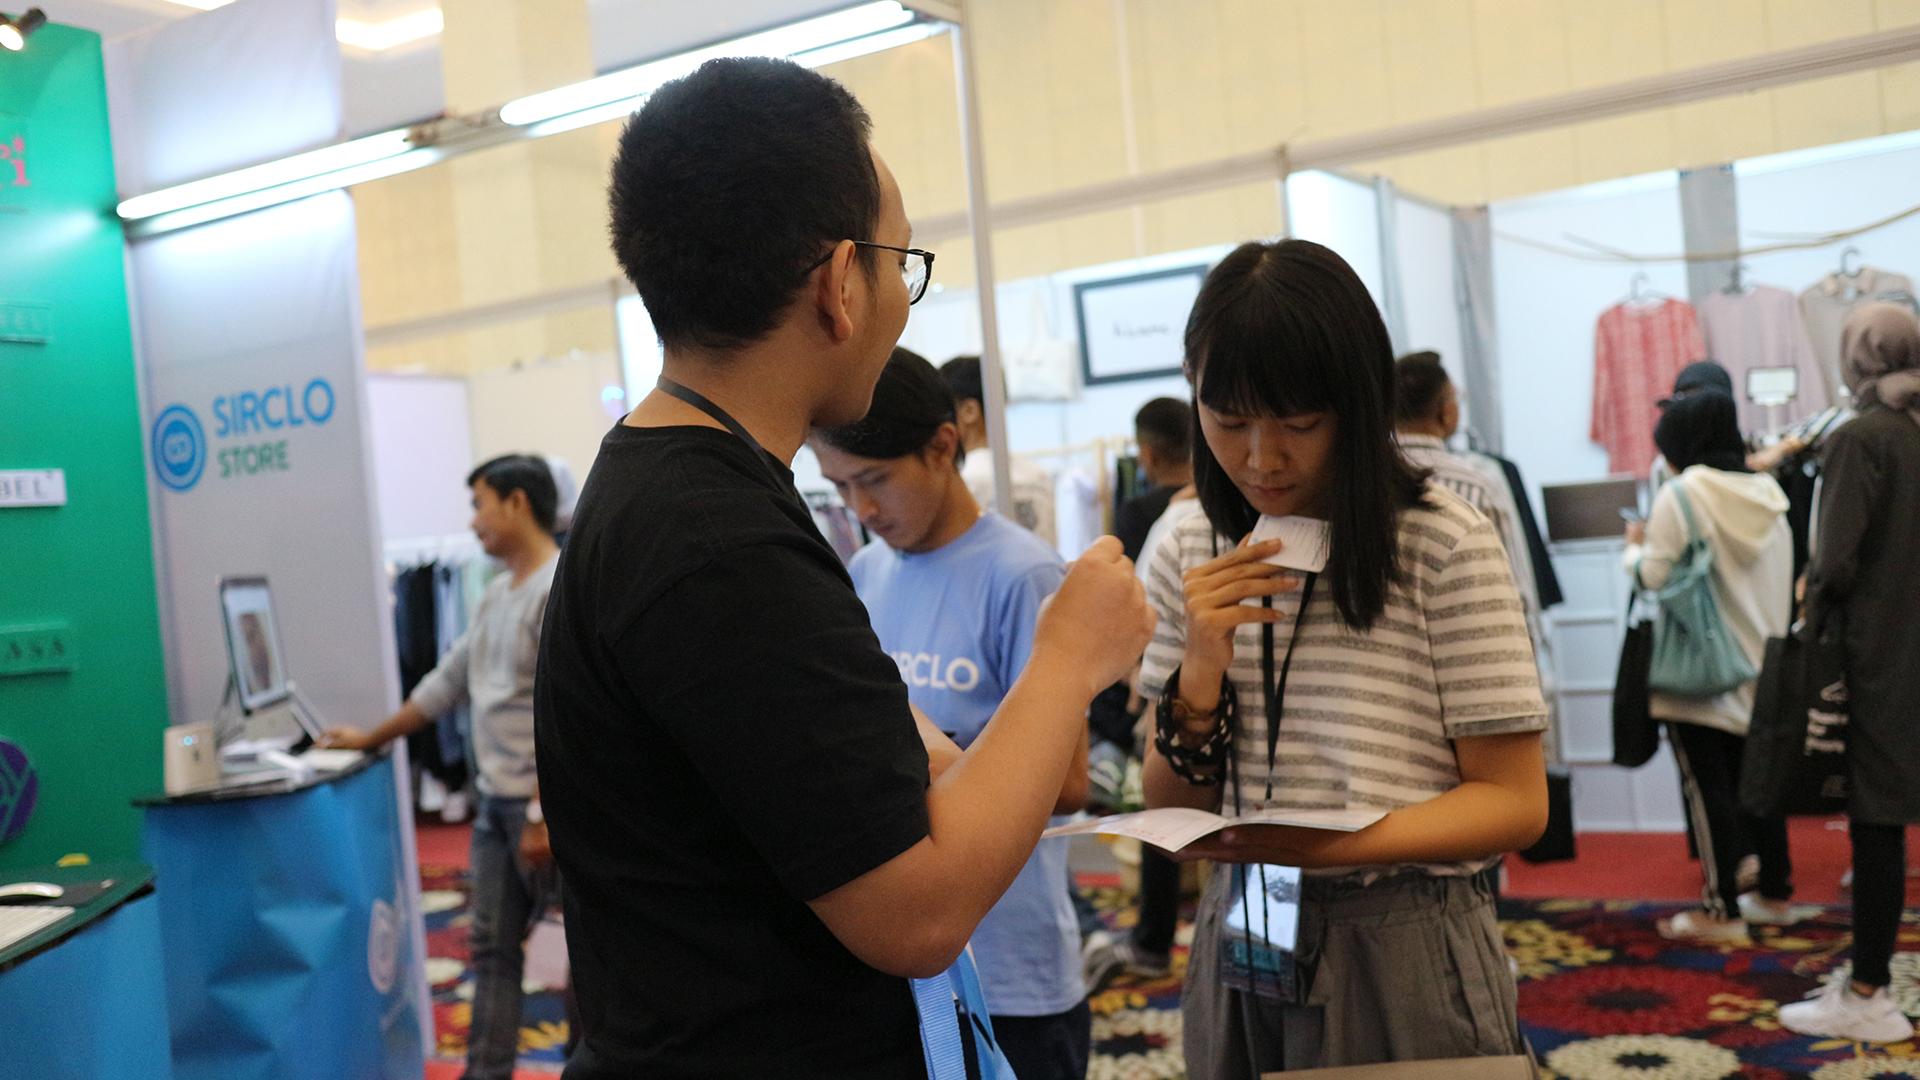 Antusiasme Pengunjung Dalam Bertanya untuk Memulai Toko Online Menggunakan SIRCLO